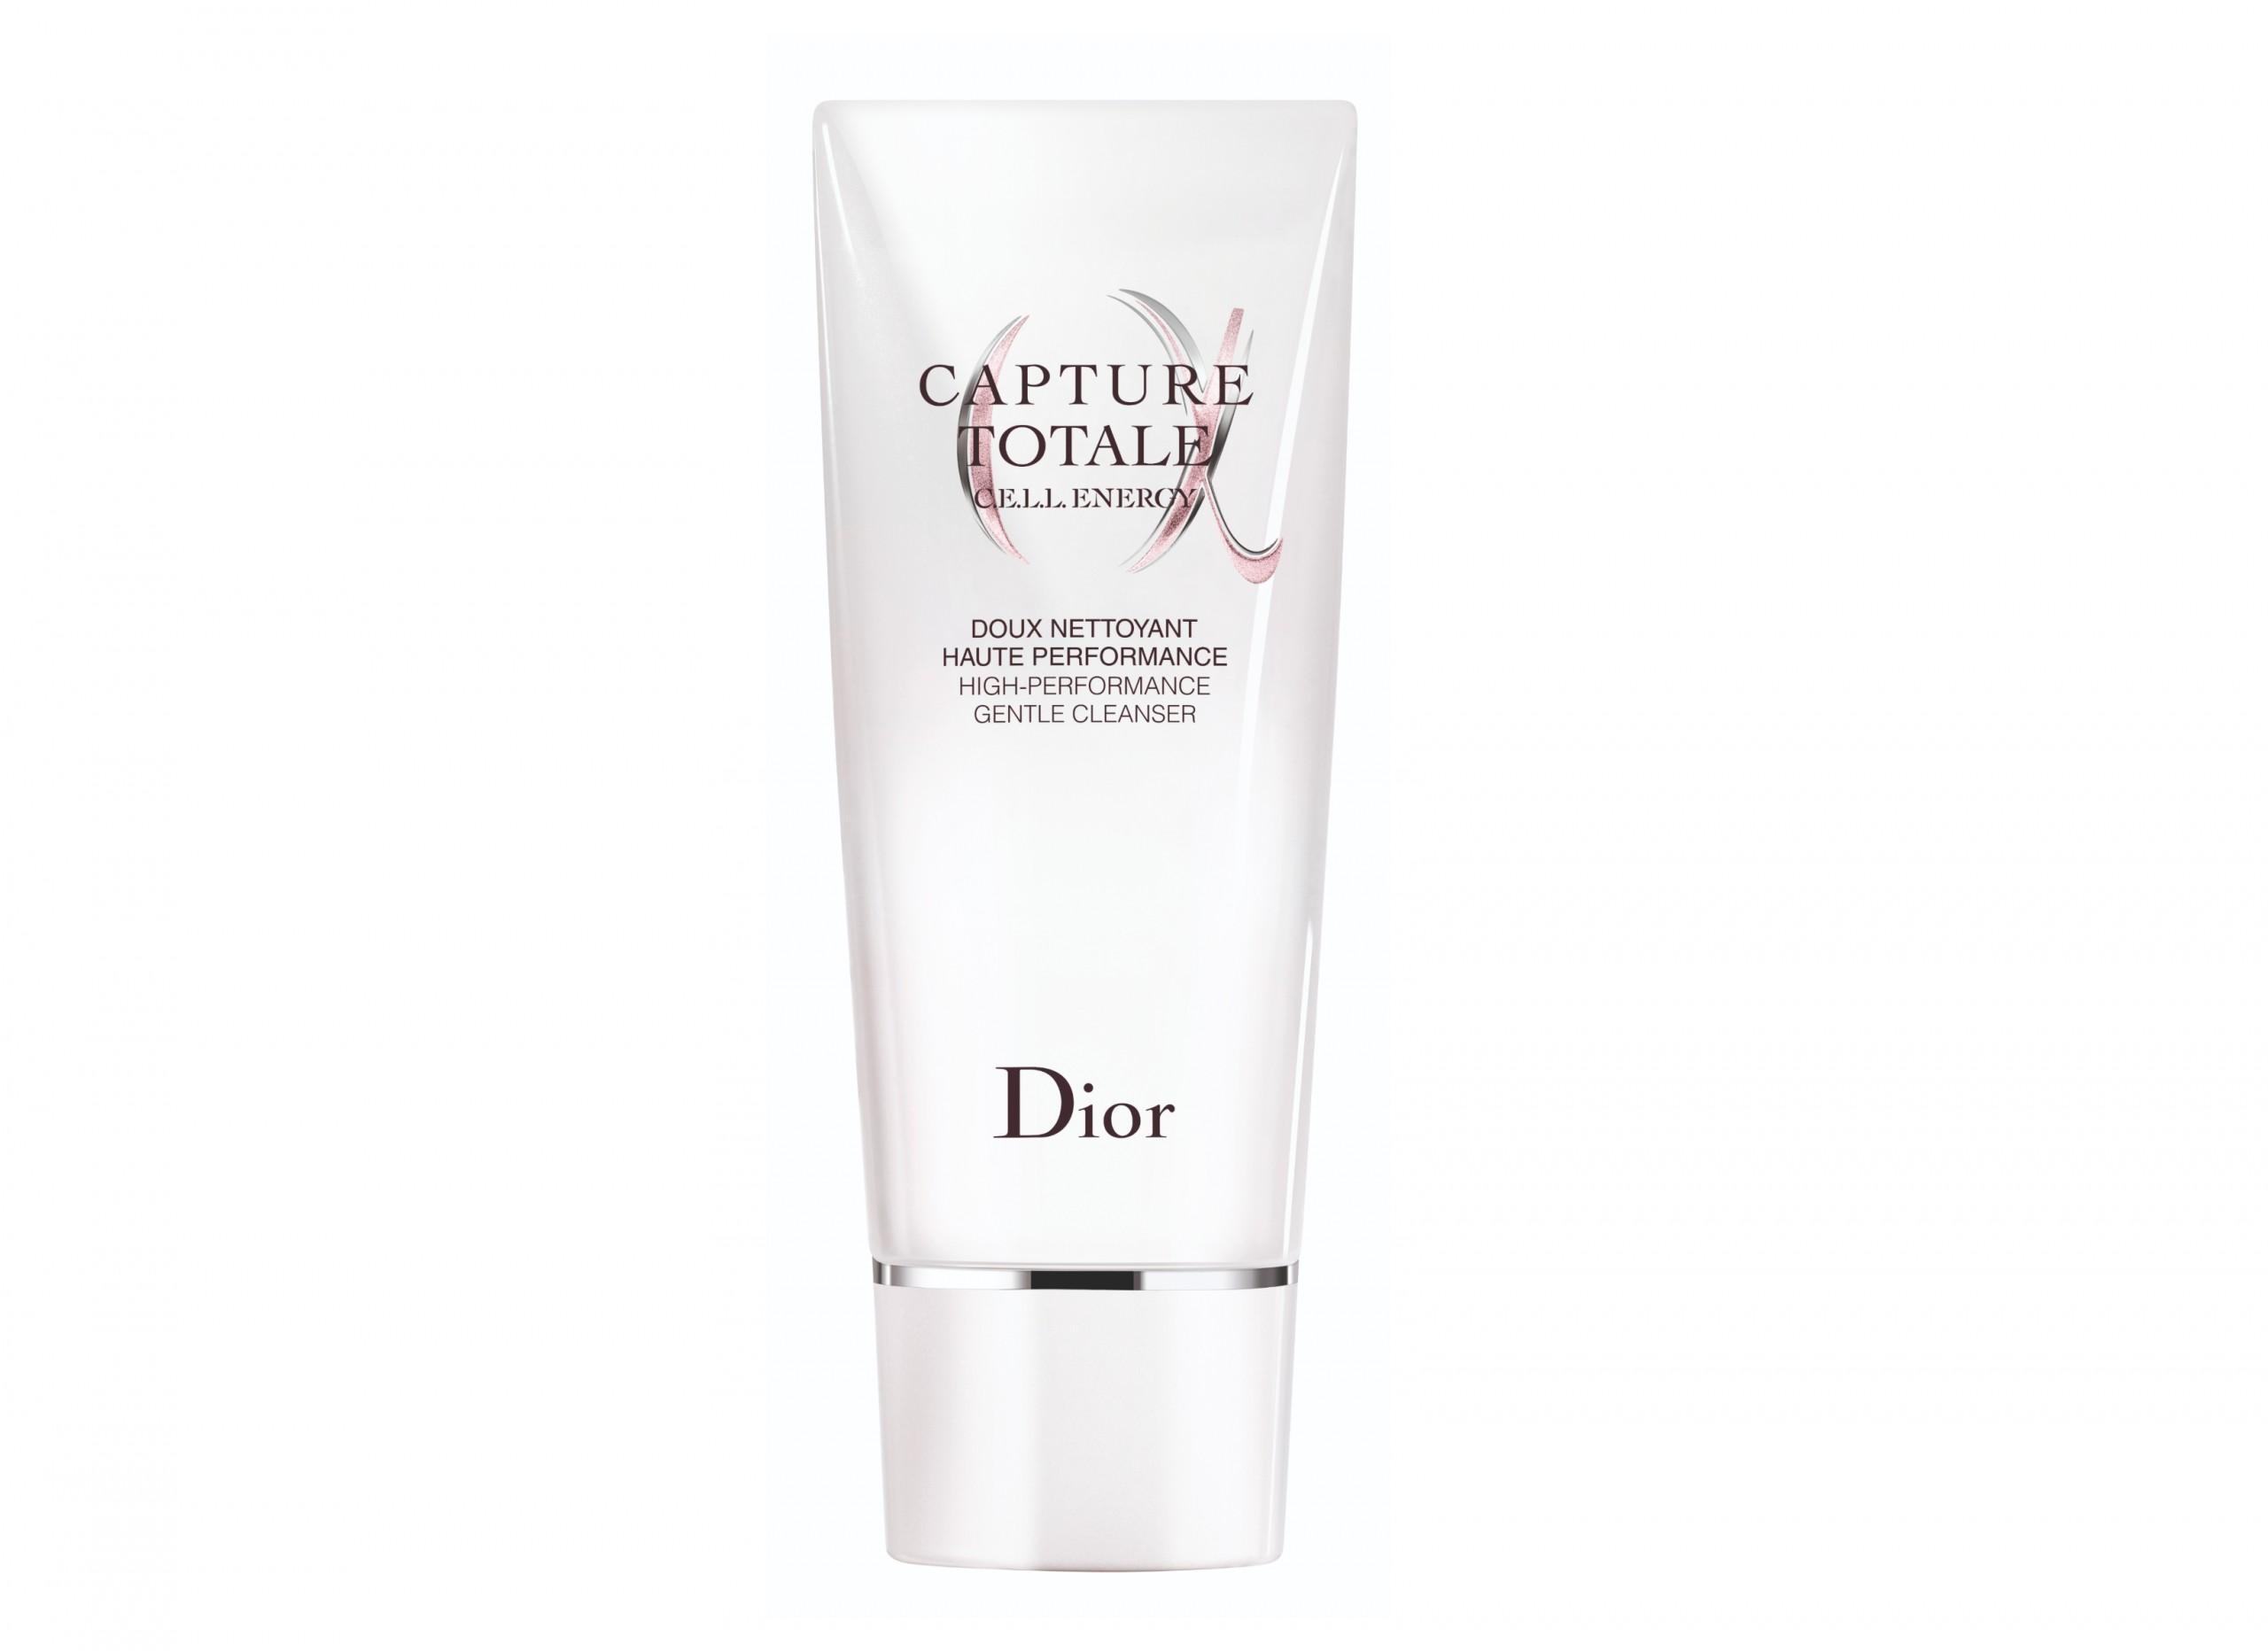 migliori detergenti viso Dior Capture Totale C.E.L.L. Energy